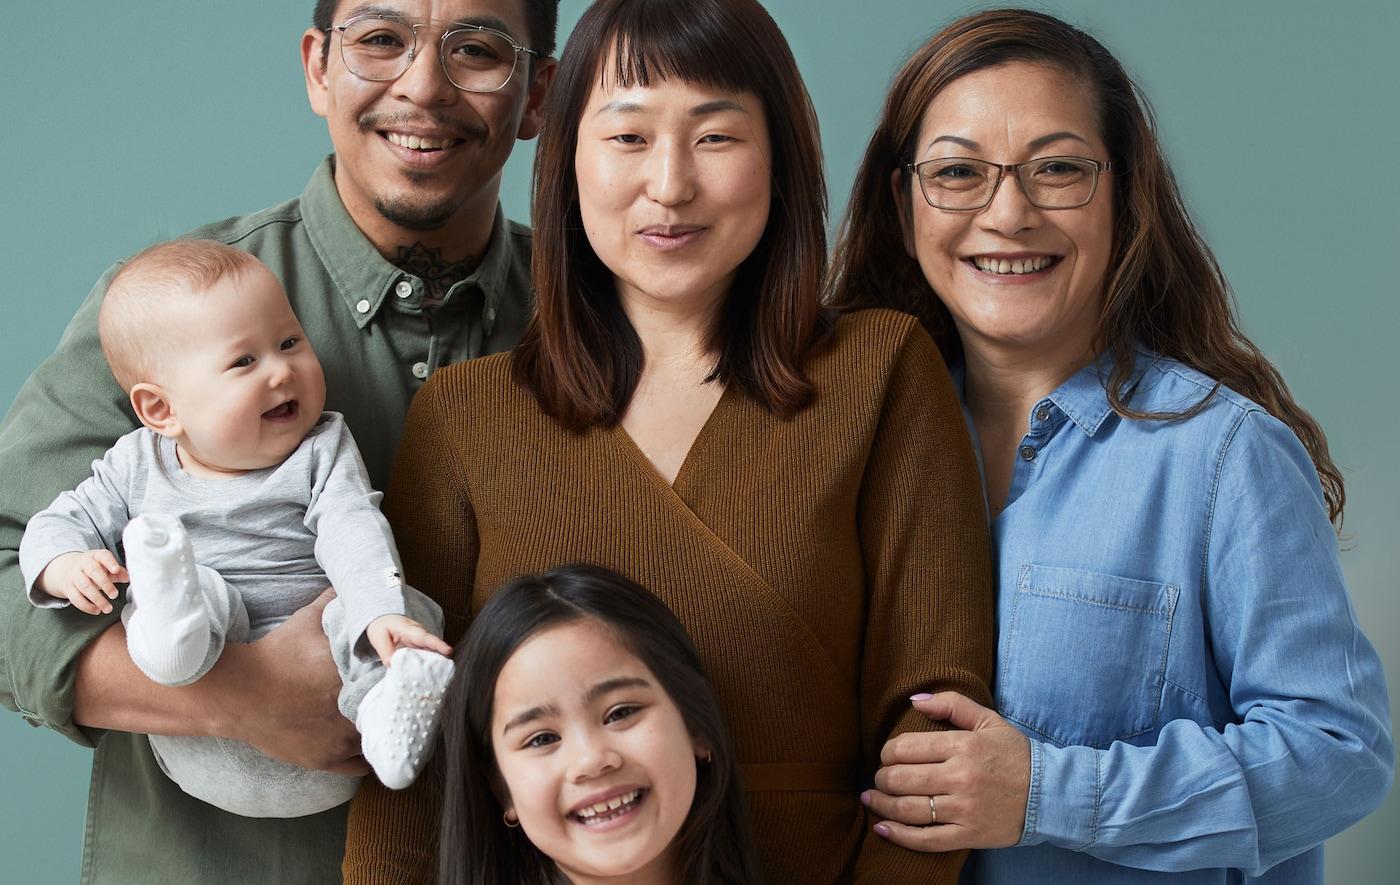 Une famille de cinq personnes ensemble, toutes souriantes: couple avec bébé, petite fille et grand-mère.